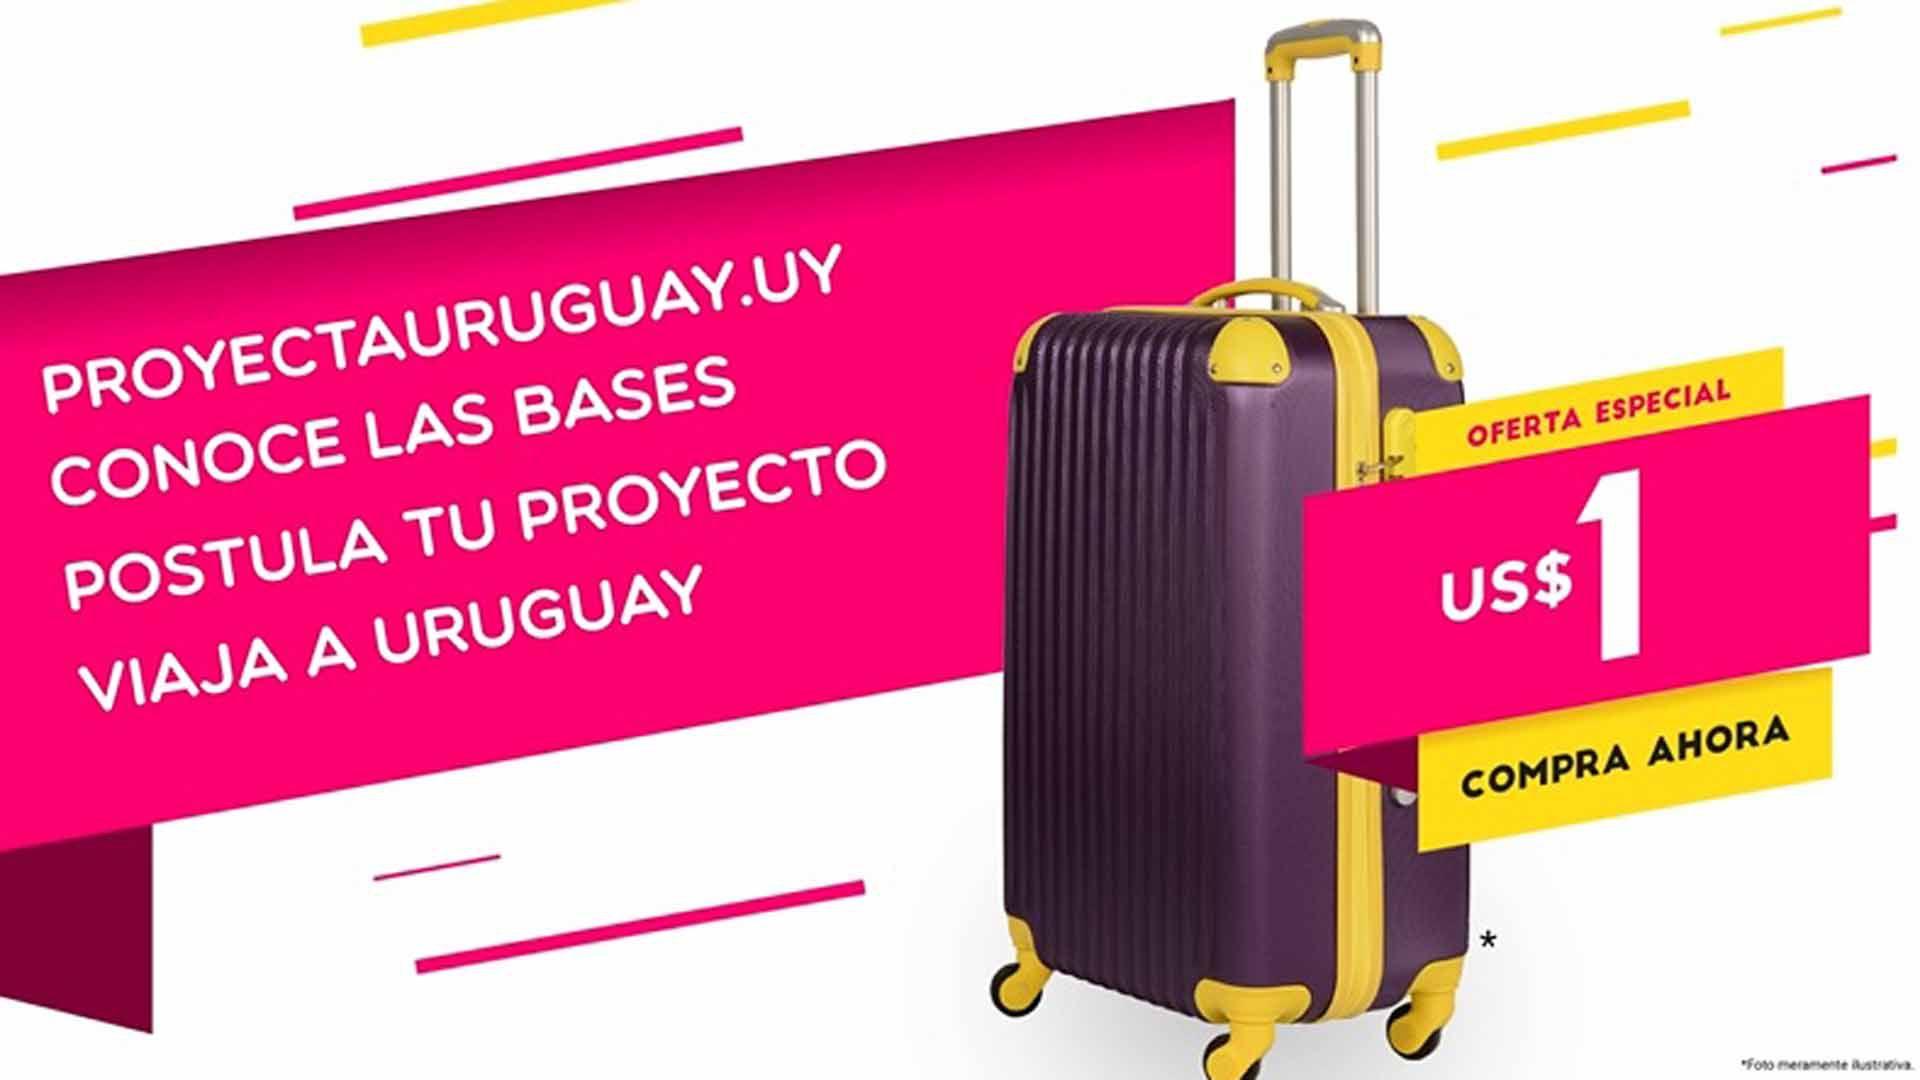 La oferta real para reclutar emprendimientos llevada adelante por Proyecta Uruguay